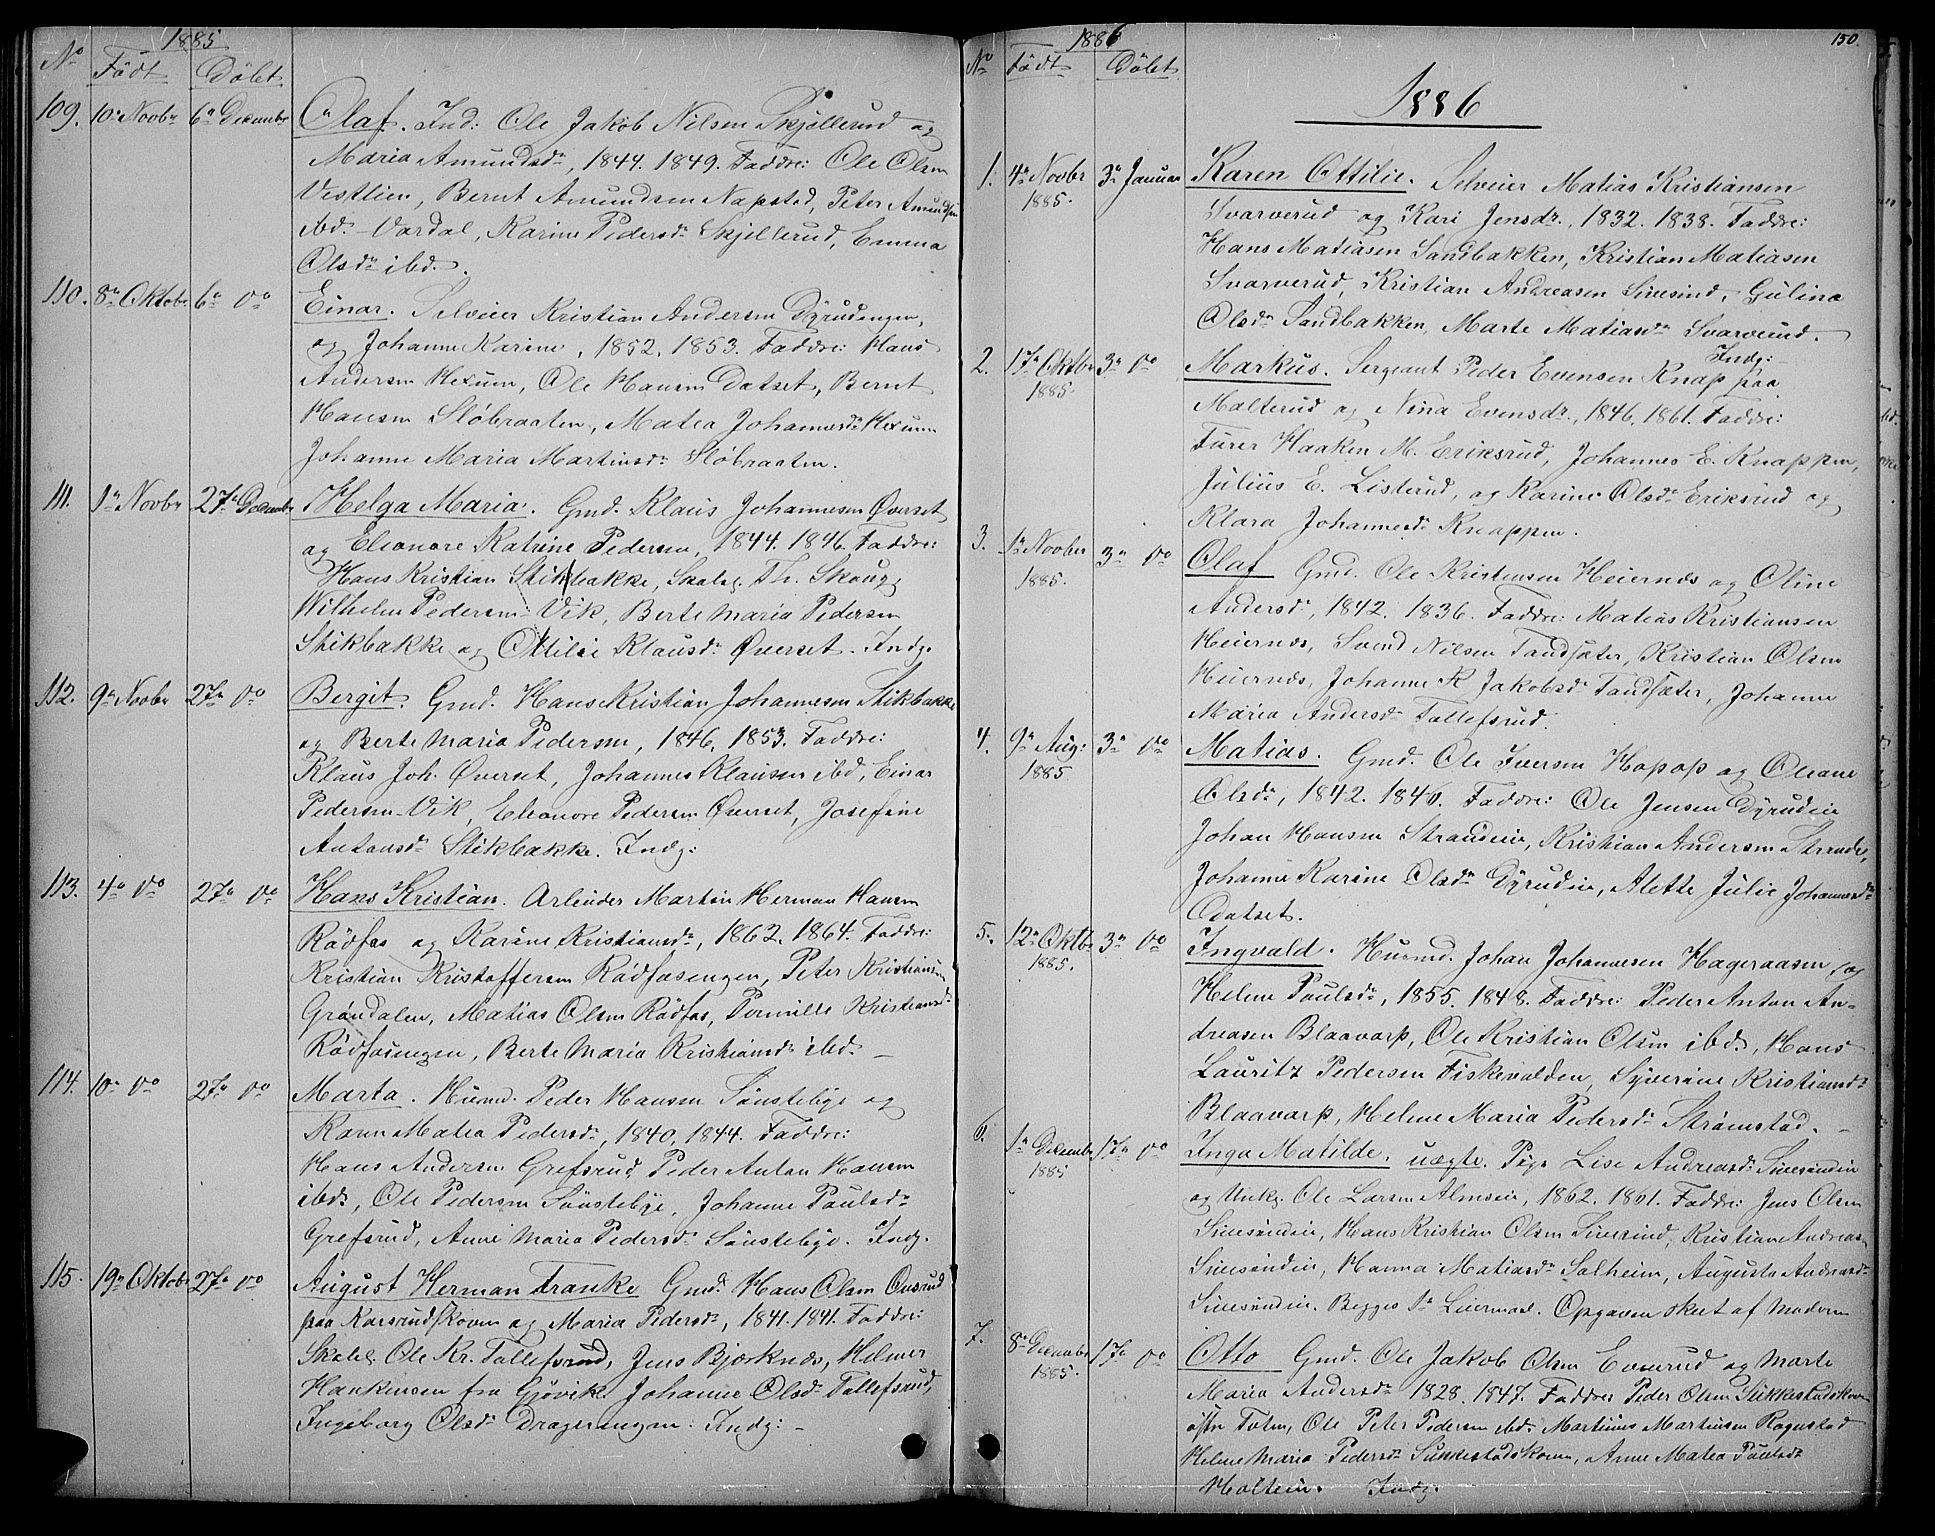 SAH, Vestre Toten prestekontor, Klokkerbok nr. 6, 1870-1887, s. 150